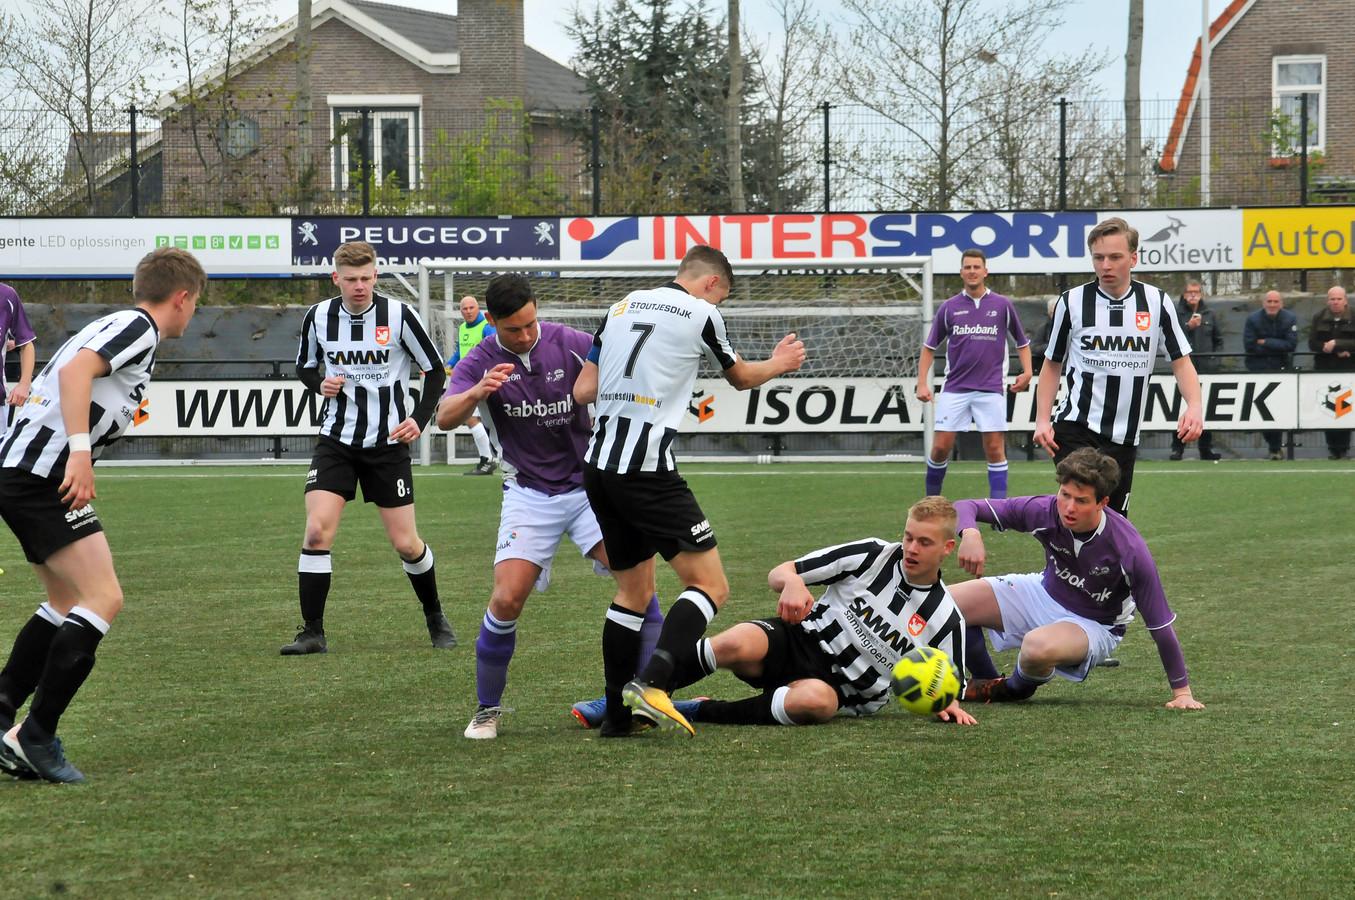 Domenique van den Berge (paars shirt, links) en Mats Willemse (paars shirt, rechts) hielpen Bruse Boys aan een snelle, comfortabele voorsprong.